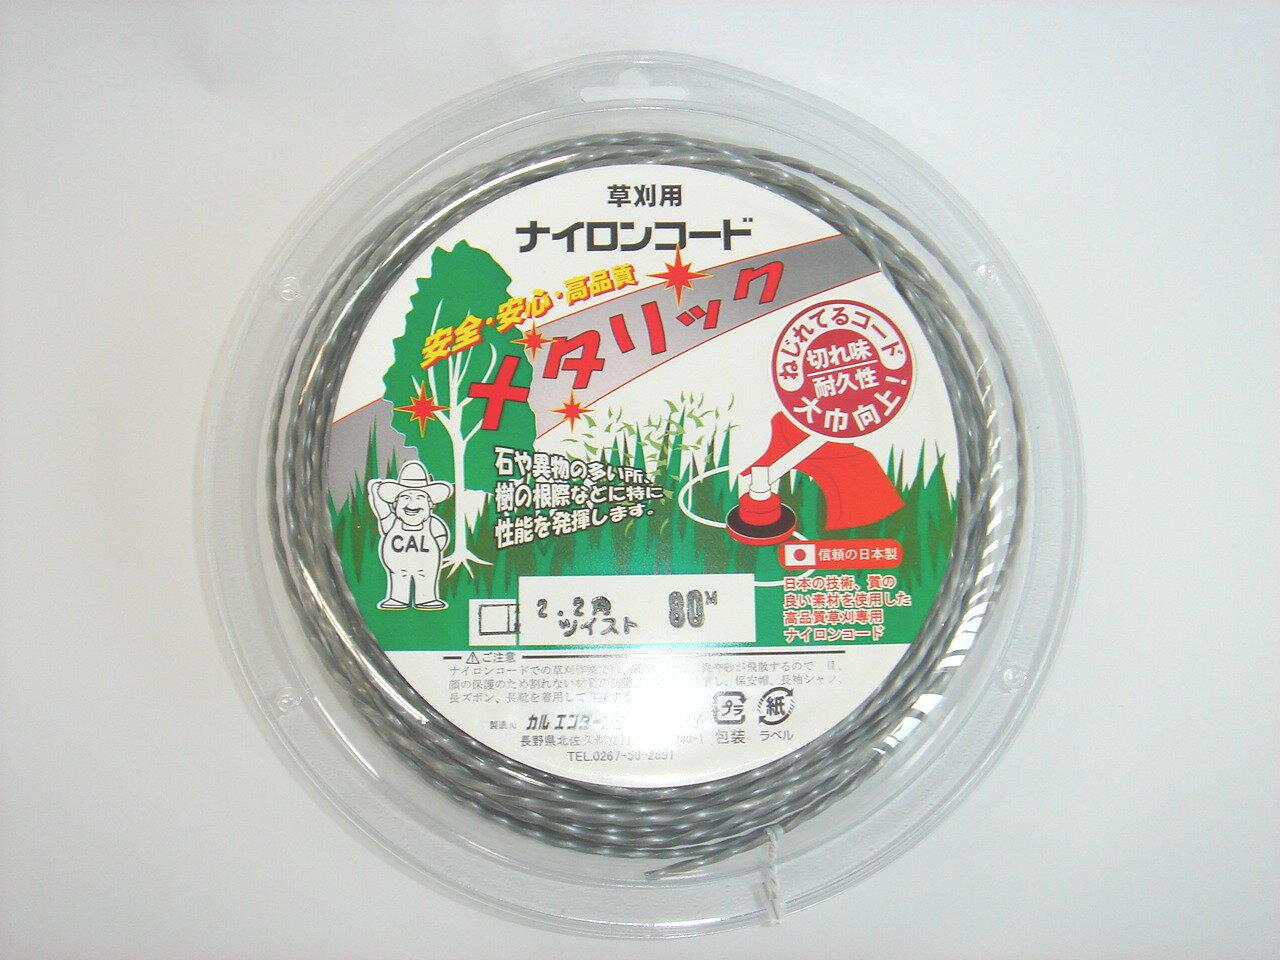 【カルエンタープライズ】純国産高品質ナイロンコー...の商品画像